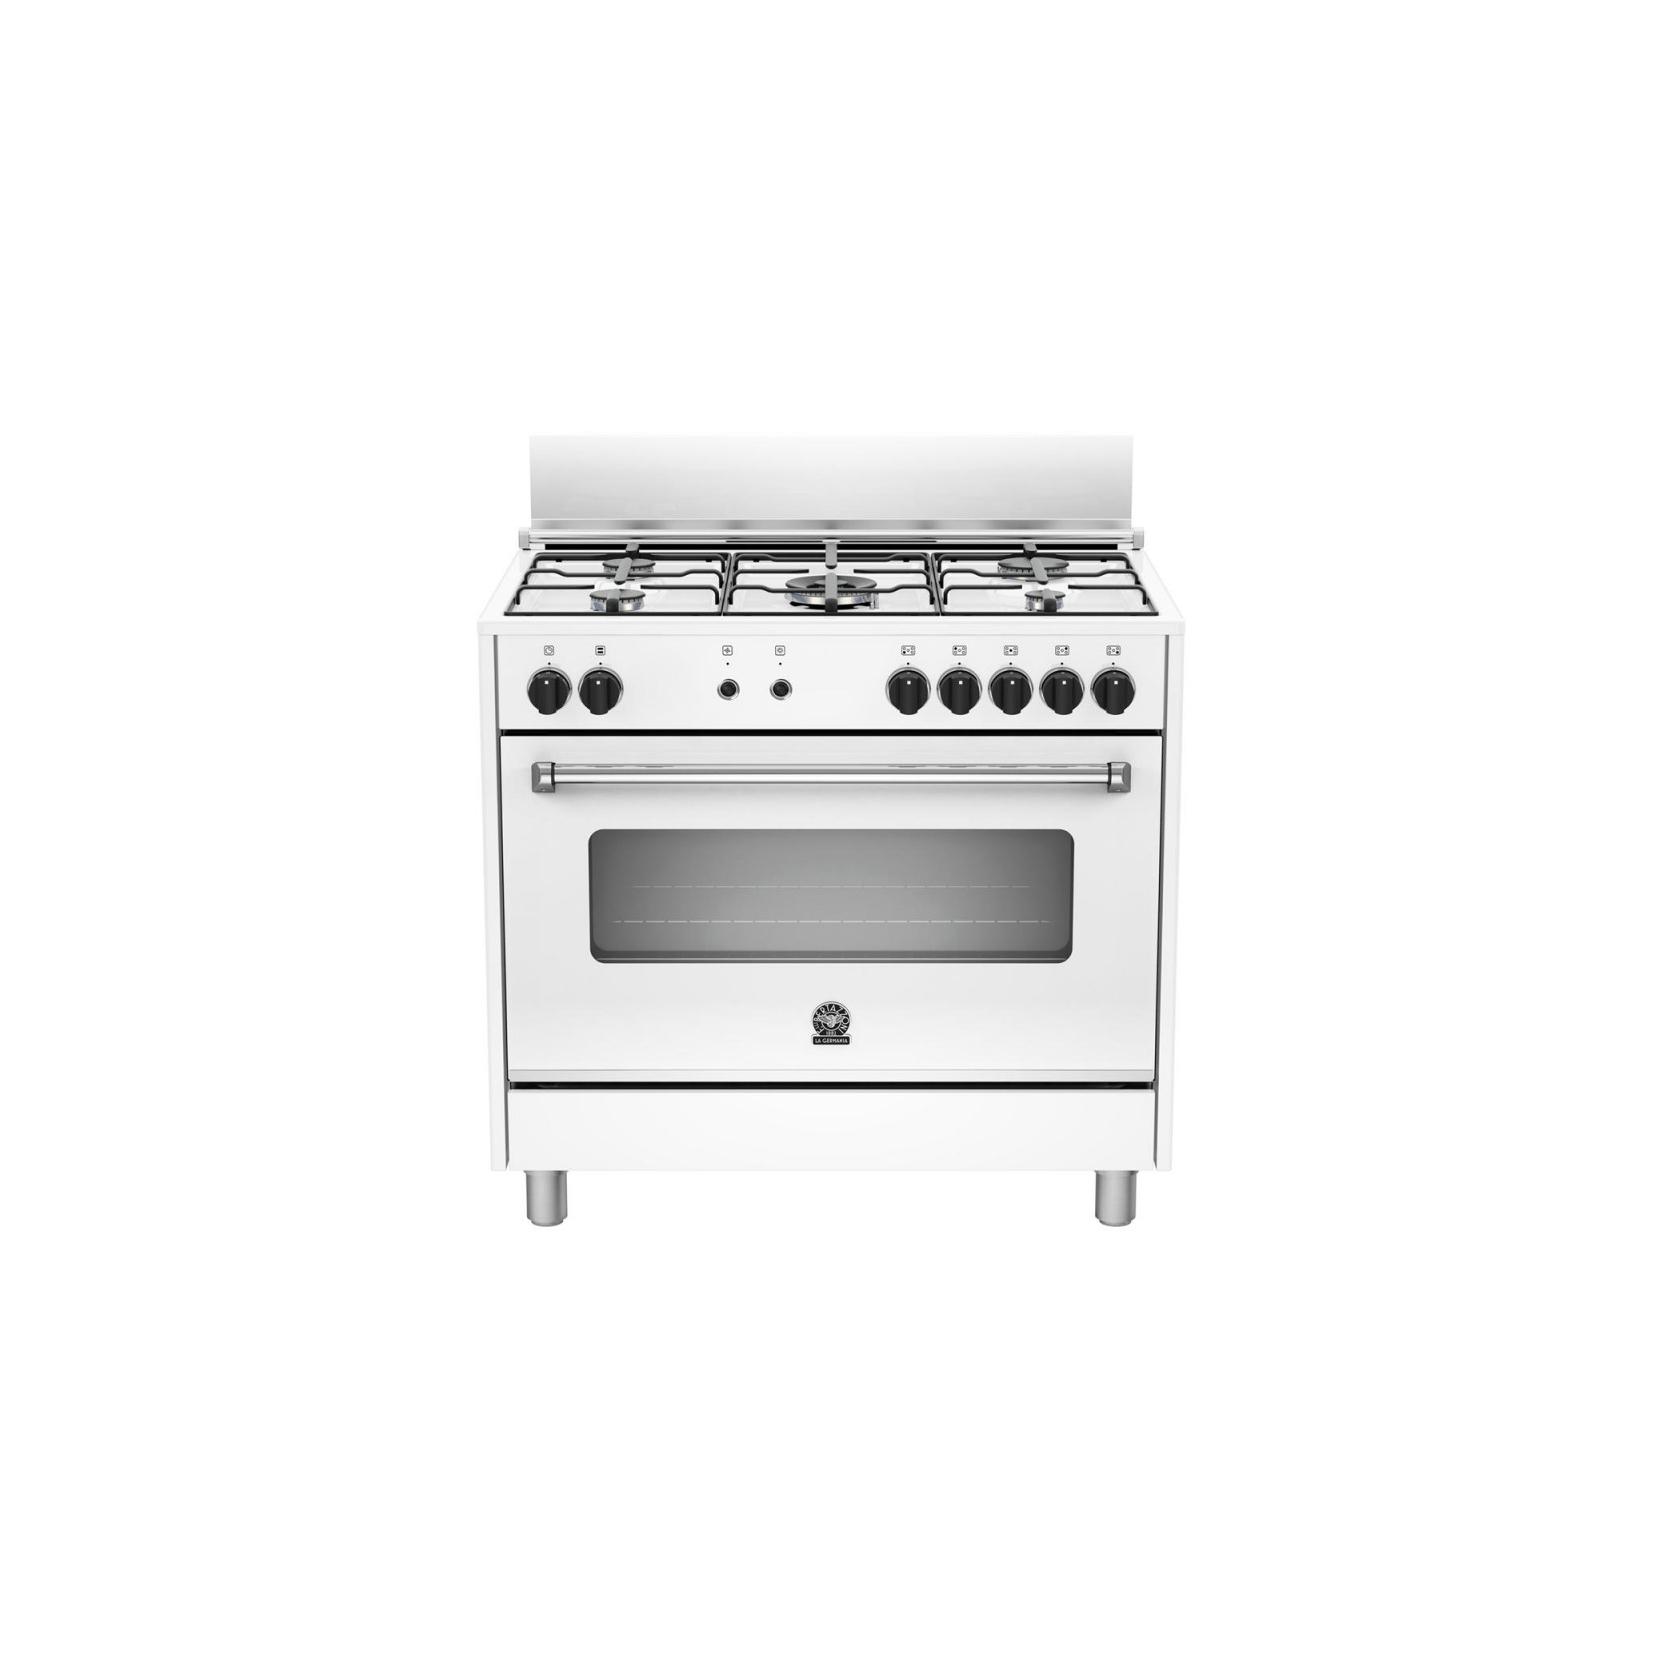 La germania amn905mfeswc cucina 5 fuochi a gas forno elettrico ventilato 90x60 bianca garanzia - Cucina con forno a gas ventilato ...